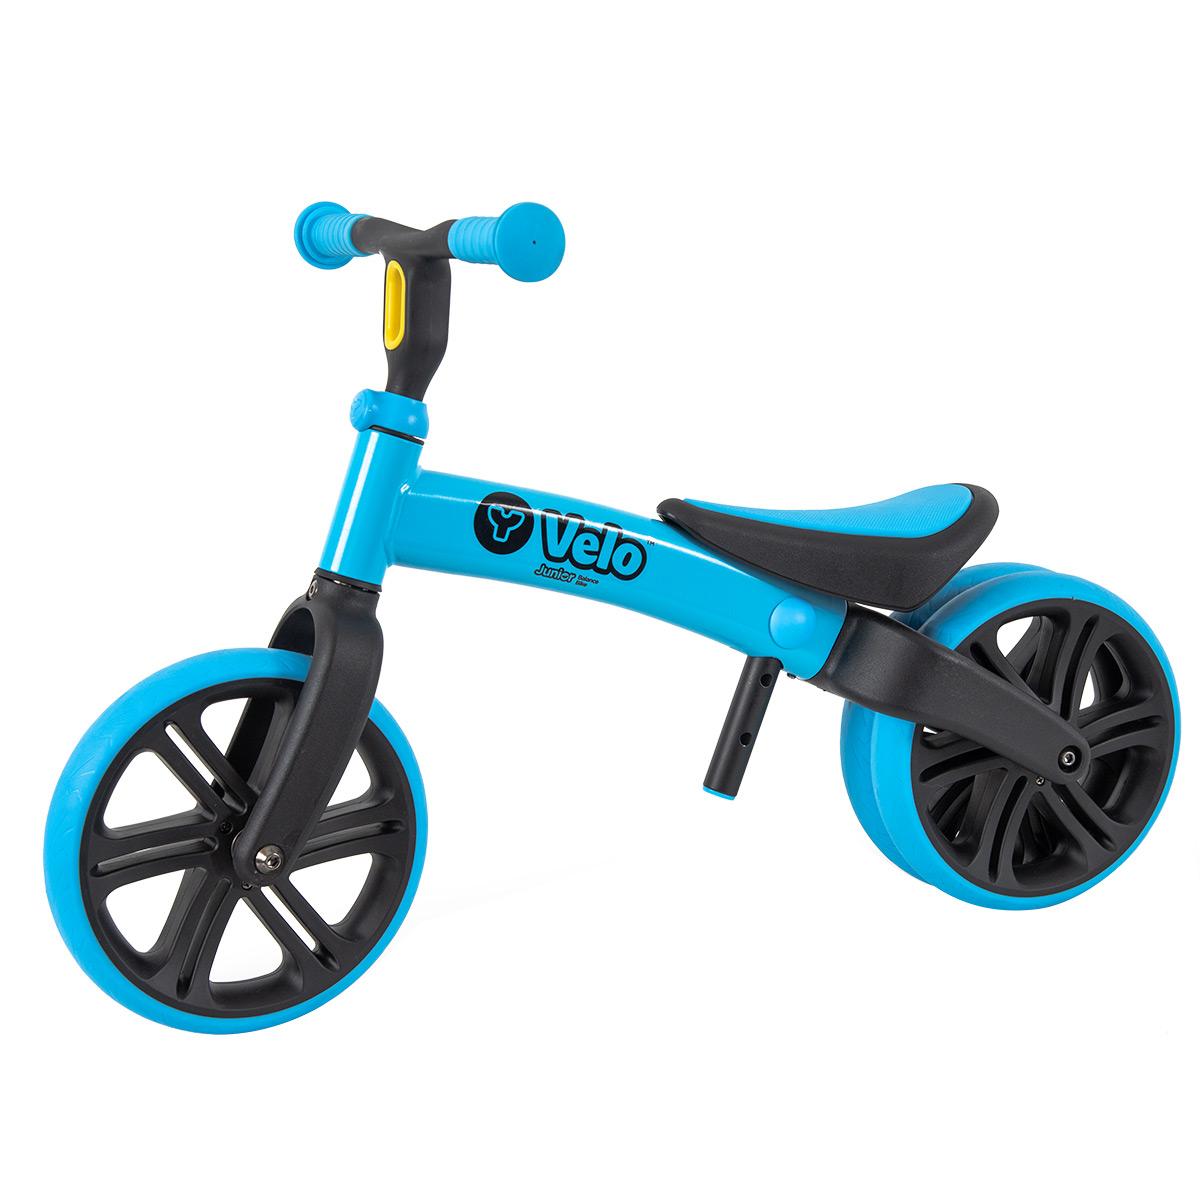 Yvolution Y Velo Junior Toddler Bike